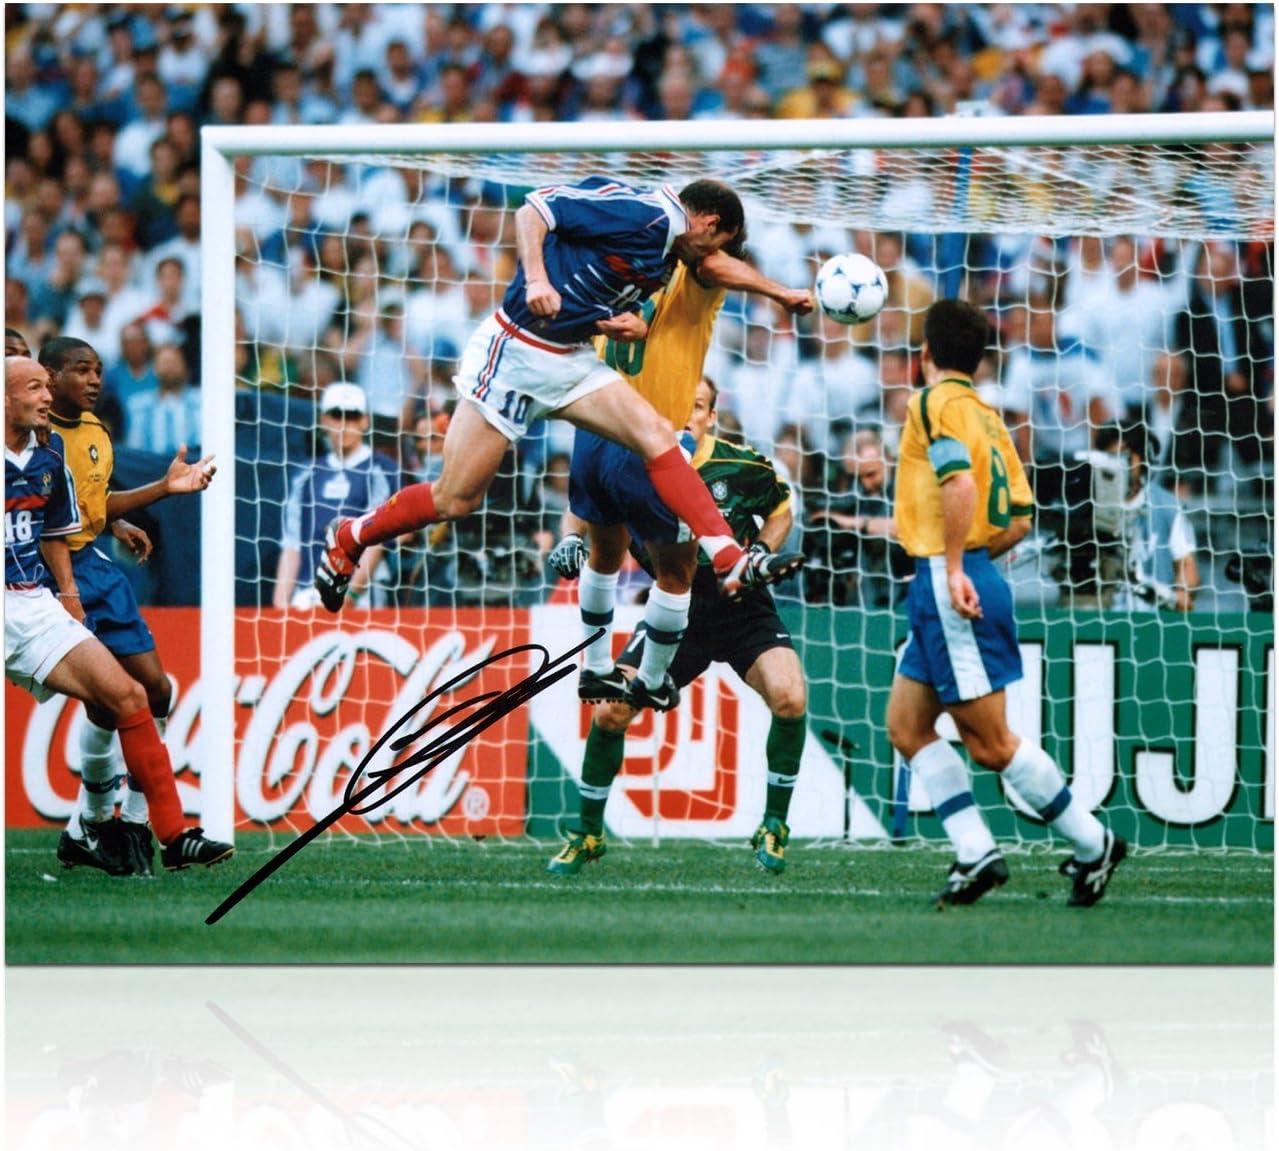 Zinedine Zidane Francia Firmado Foto: Meta Copa del Mundo: Amazon.es: Deportes y aire libre